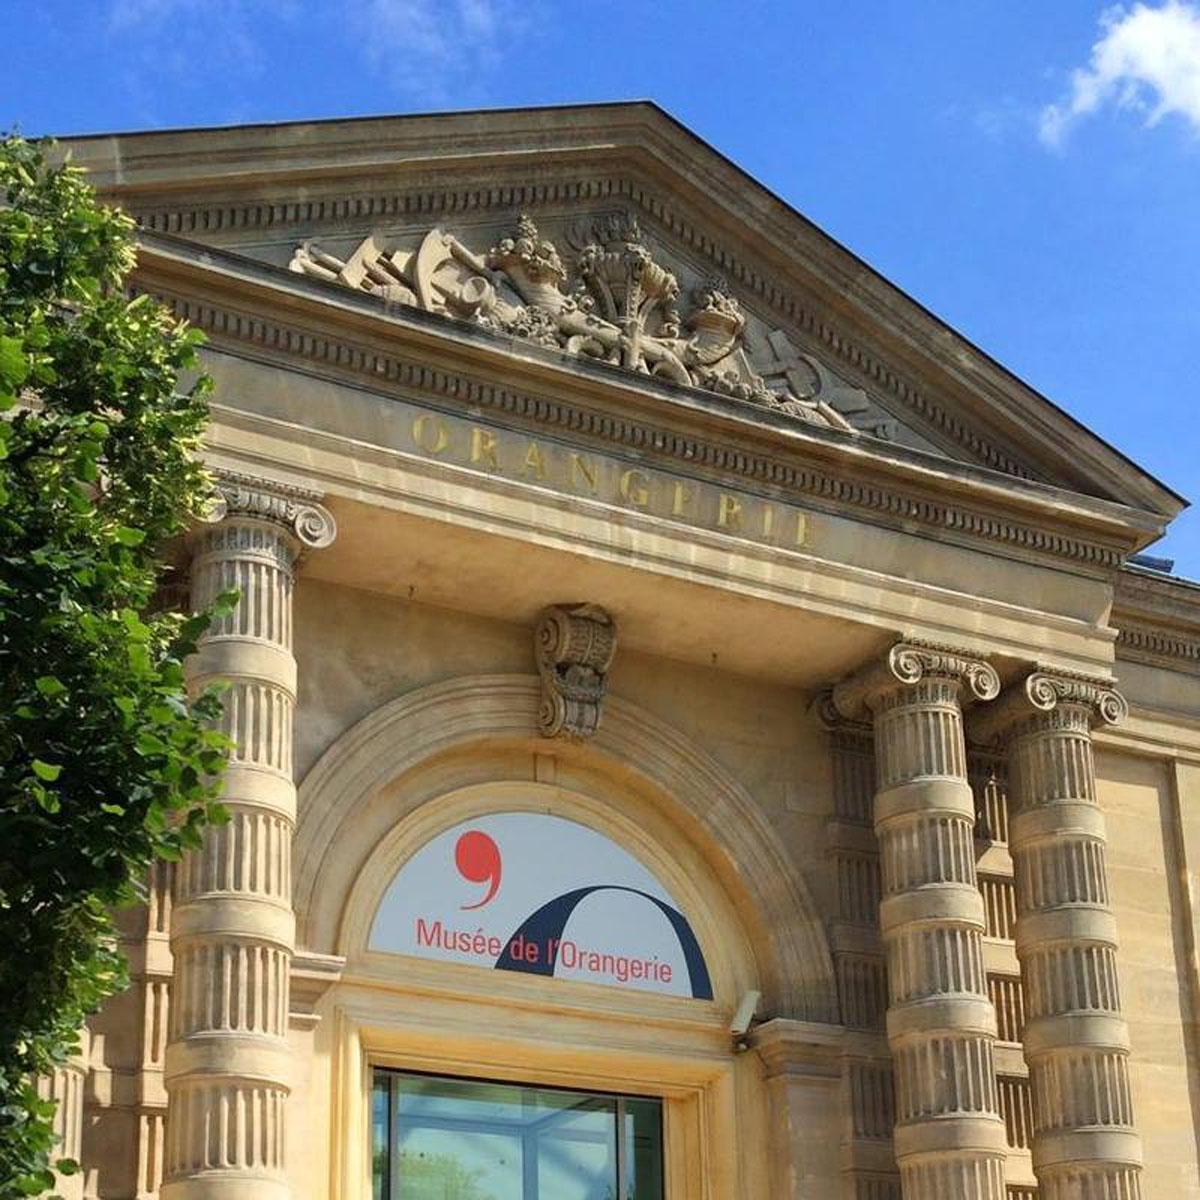 Musée de l'Orangerie at Paris France